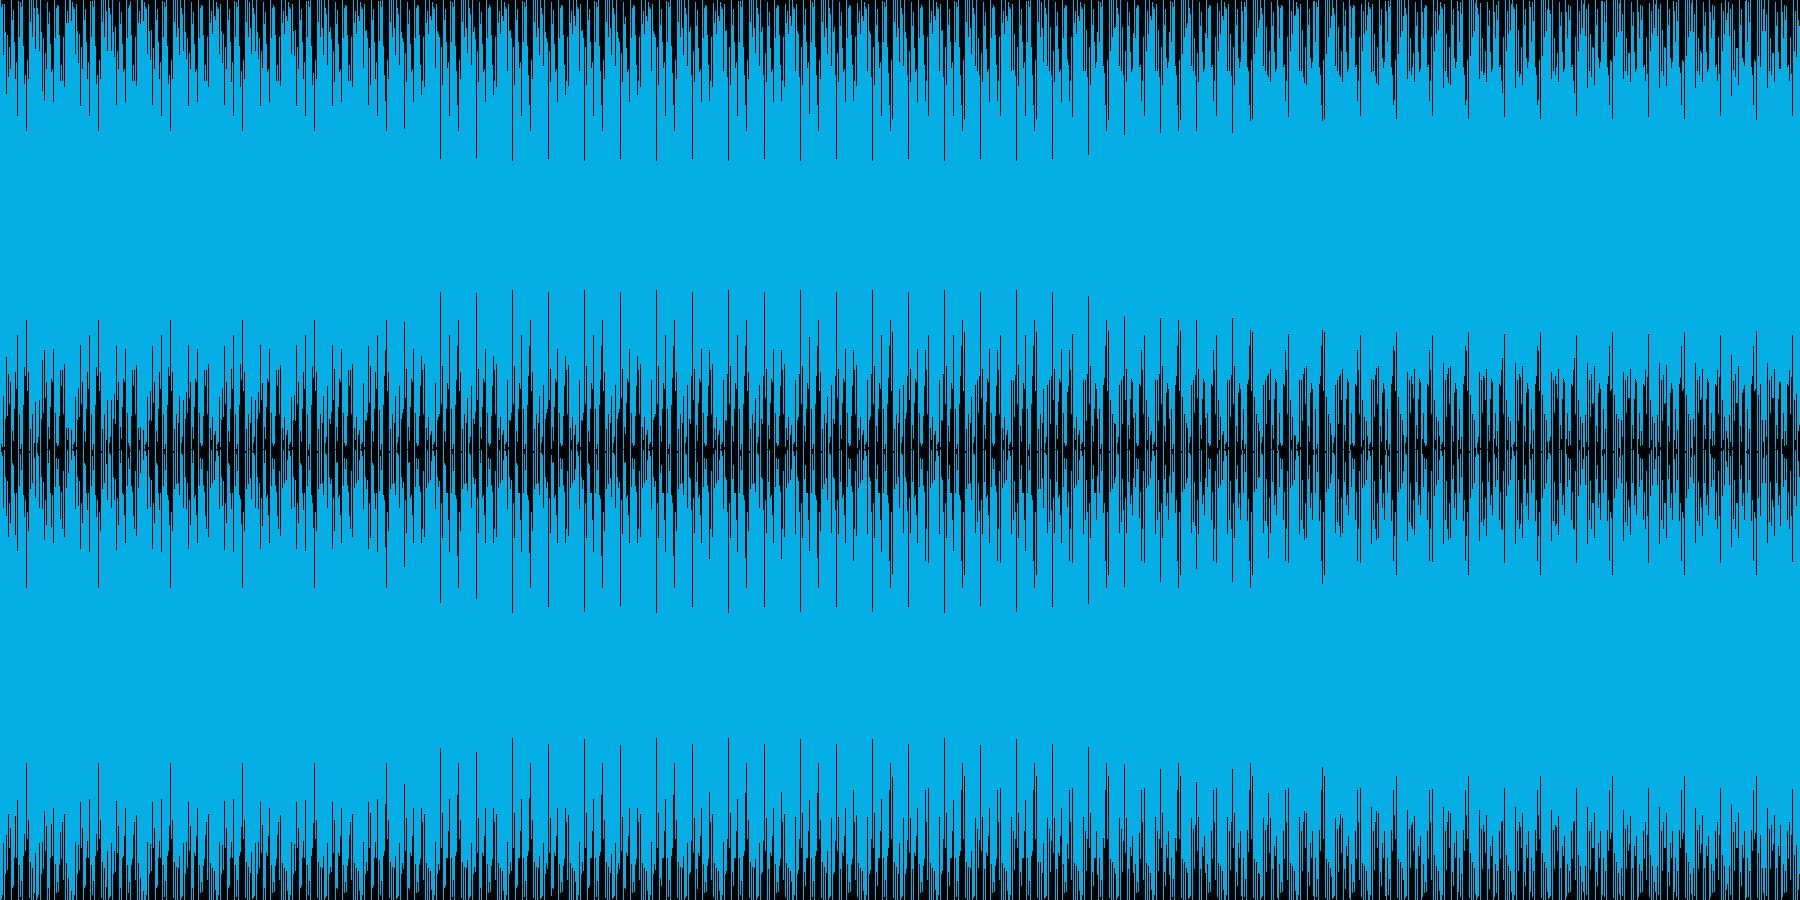 前向きの様で少し怪しい音、エンディング…の再生済みの波形